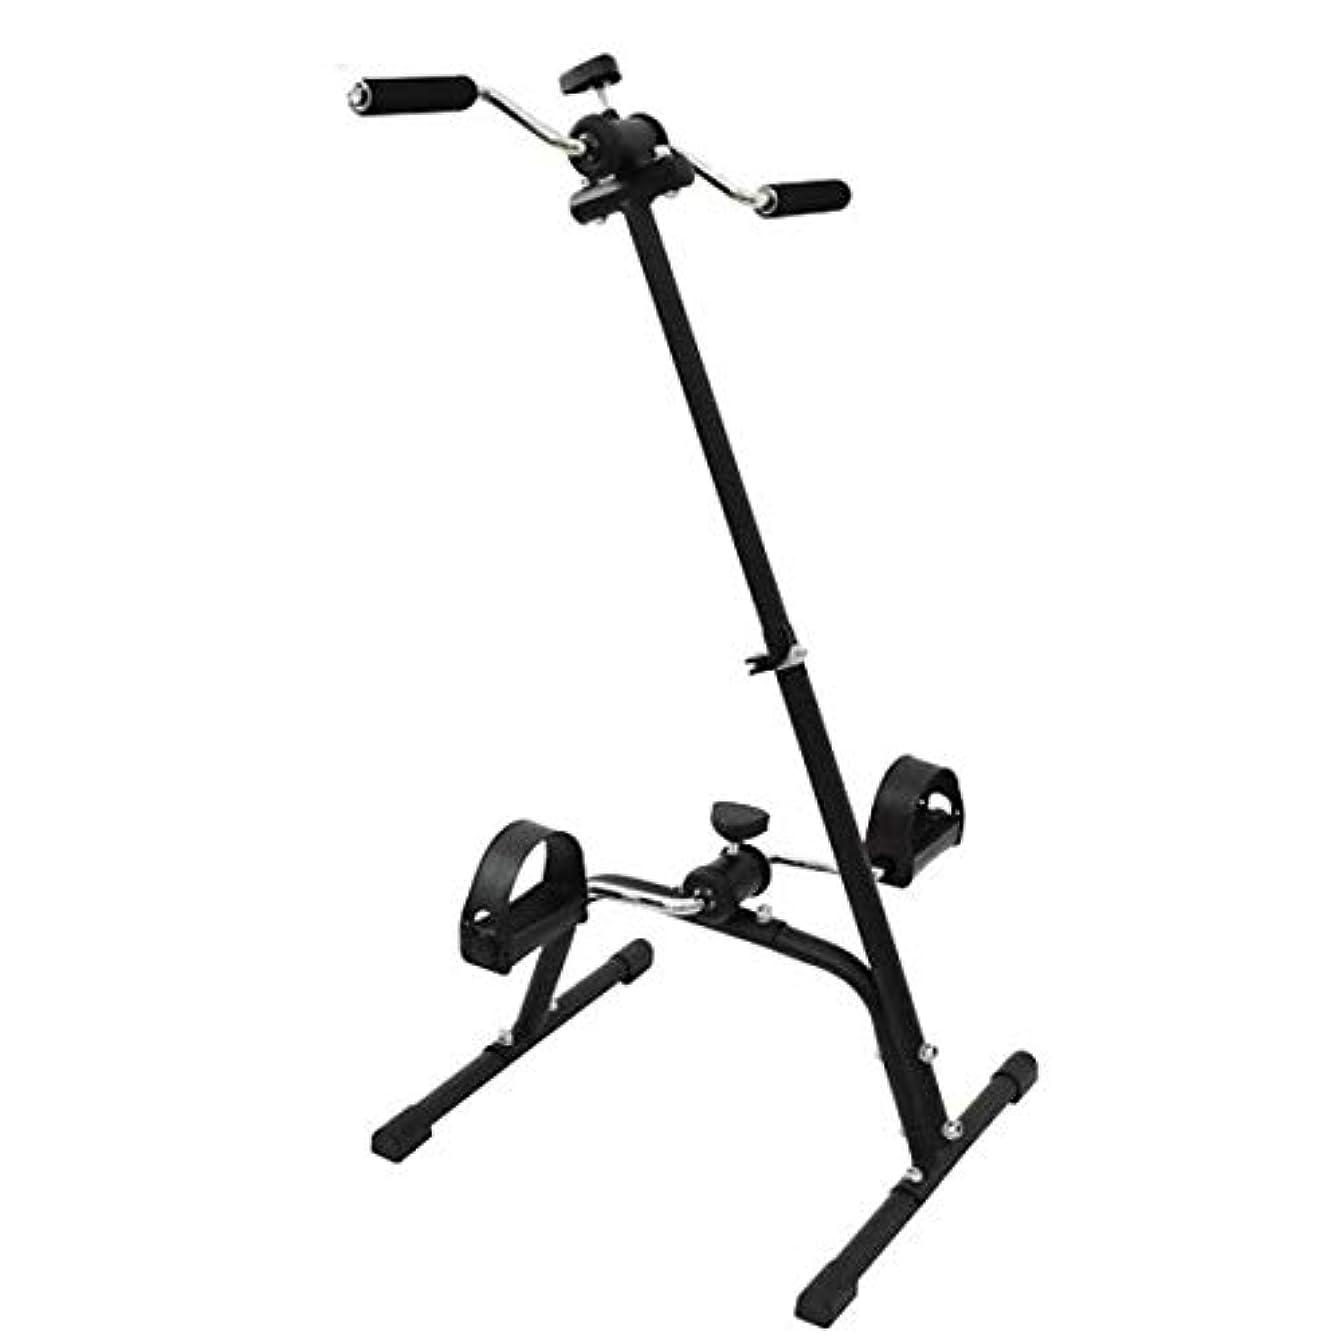 標準適切なクラフトホームレッグアームペダルエクササイザー、高齢者障害者リハビリテーション訓練ツール、上肢および下肢脳卒中片麻痺、自転車フィットネス機器のワークアウト,A